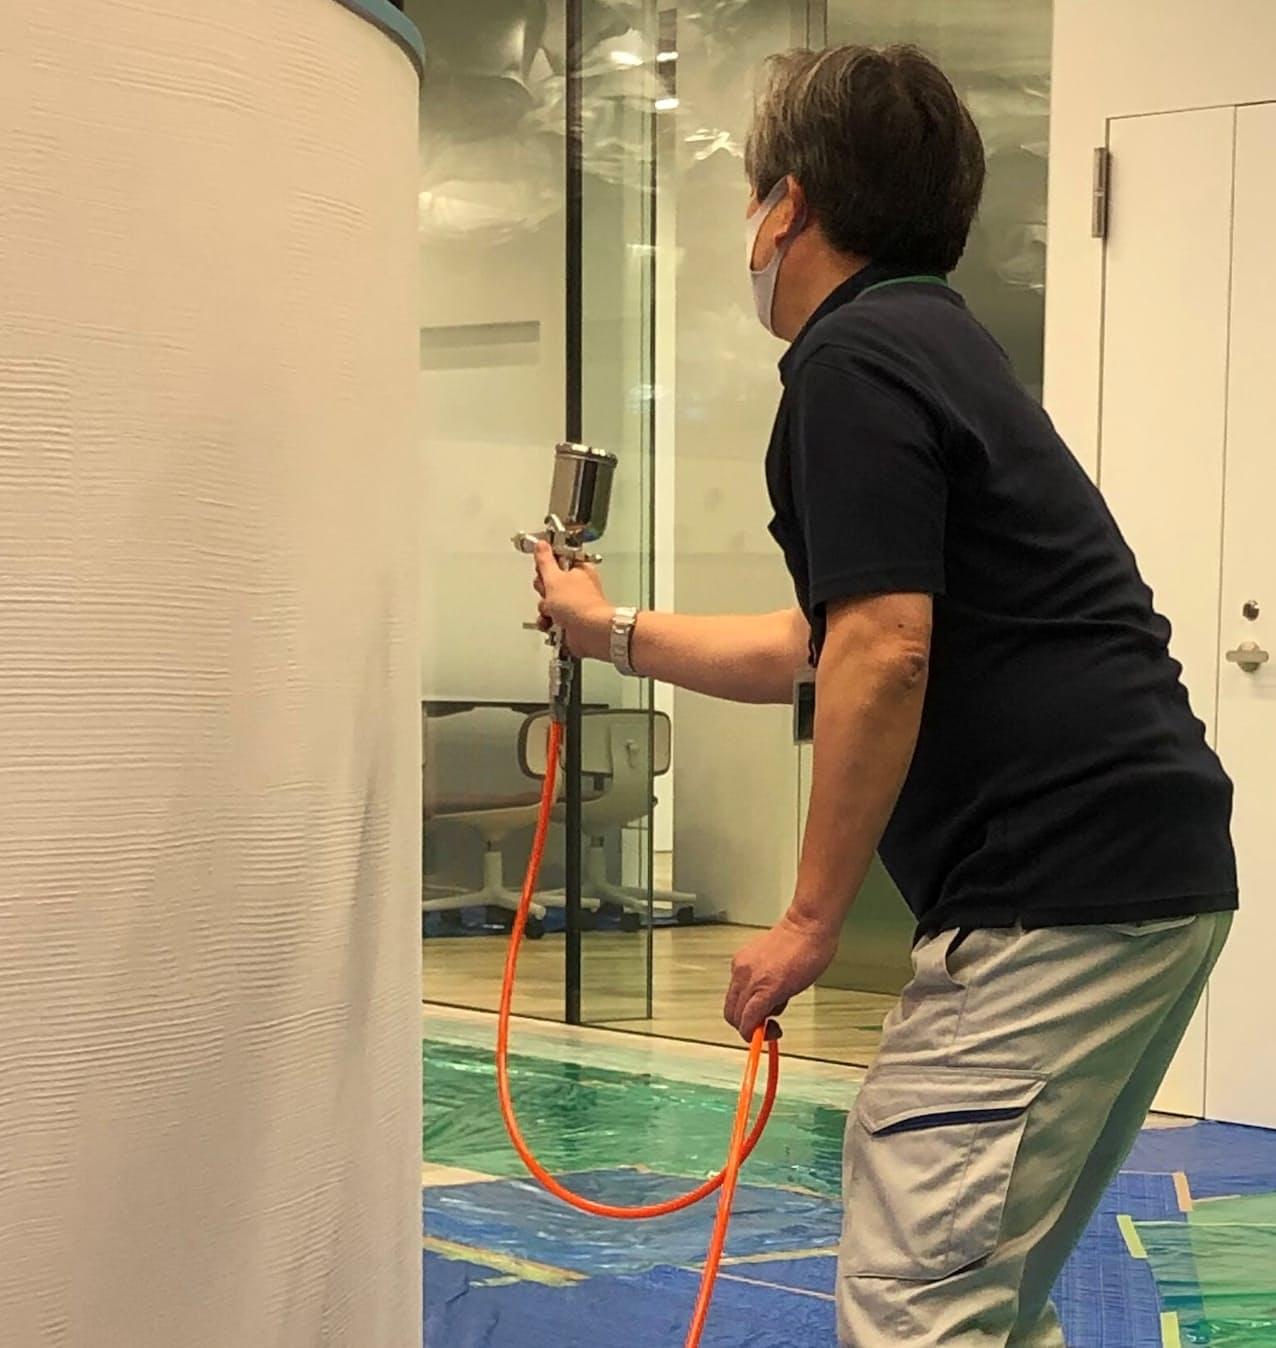 光触媒は壁などに吹きかけて使う